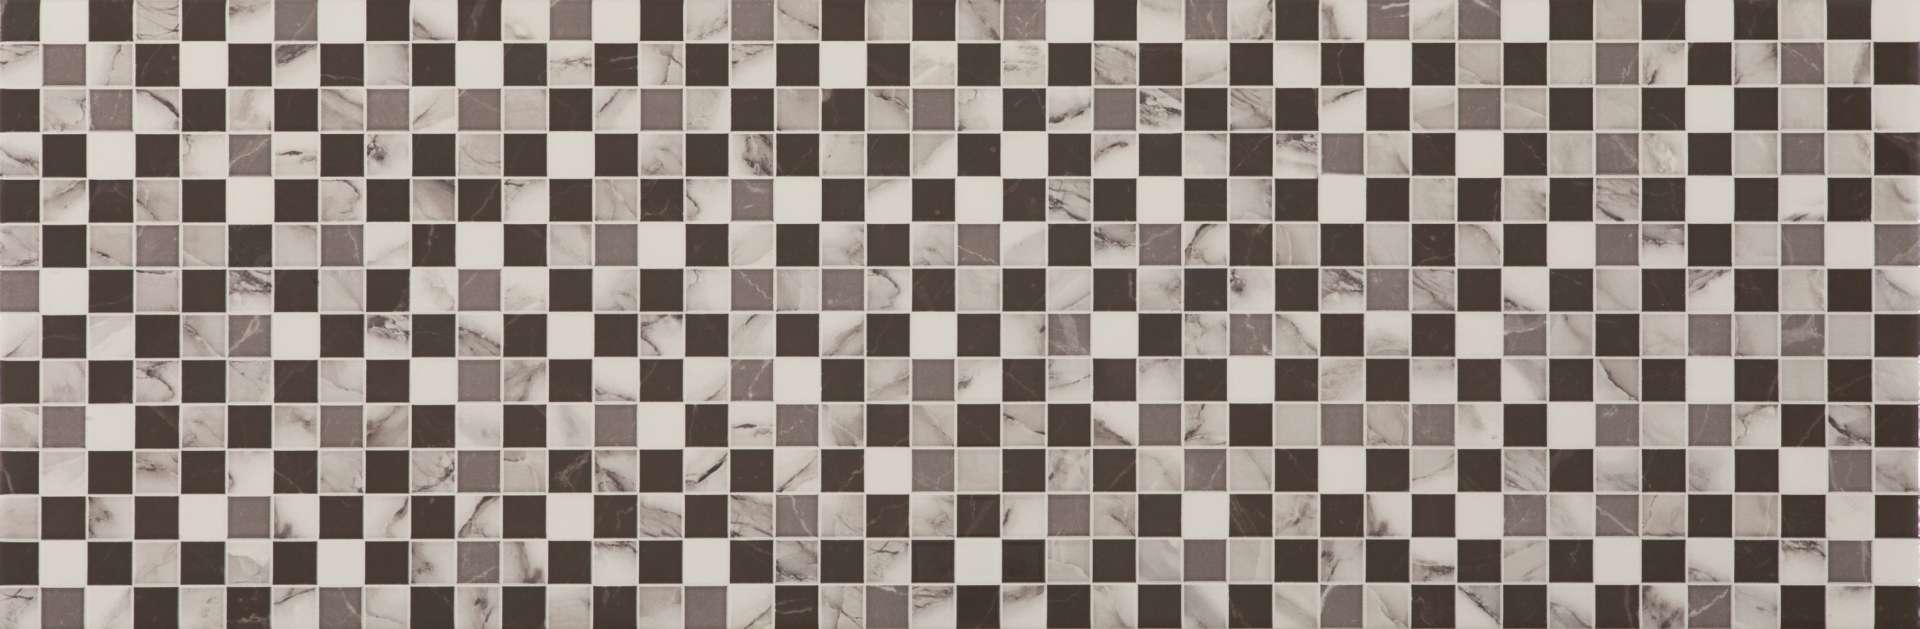 Faianță pentru baie Ecoceramic Casablanca Casablanca Decor 300x900 texturată și lucioasă alb / 6